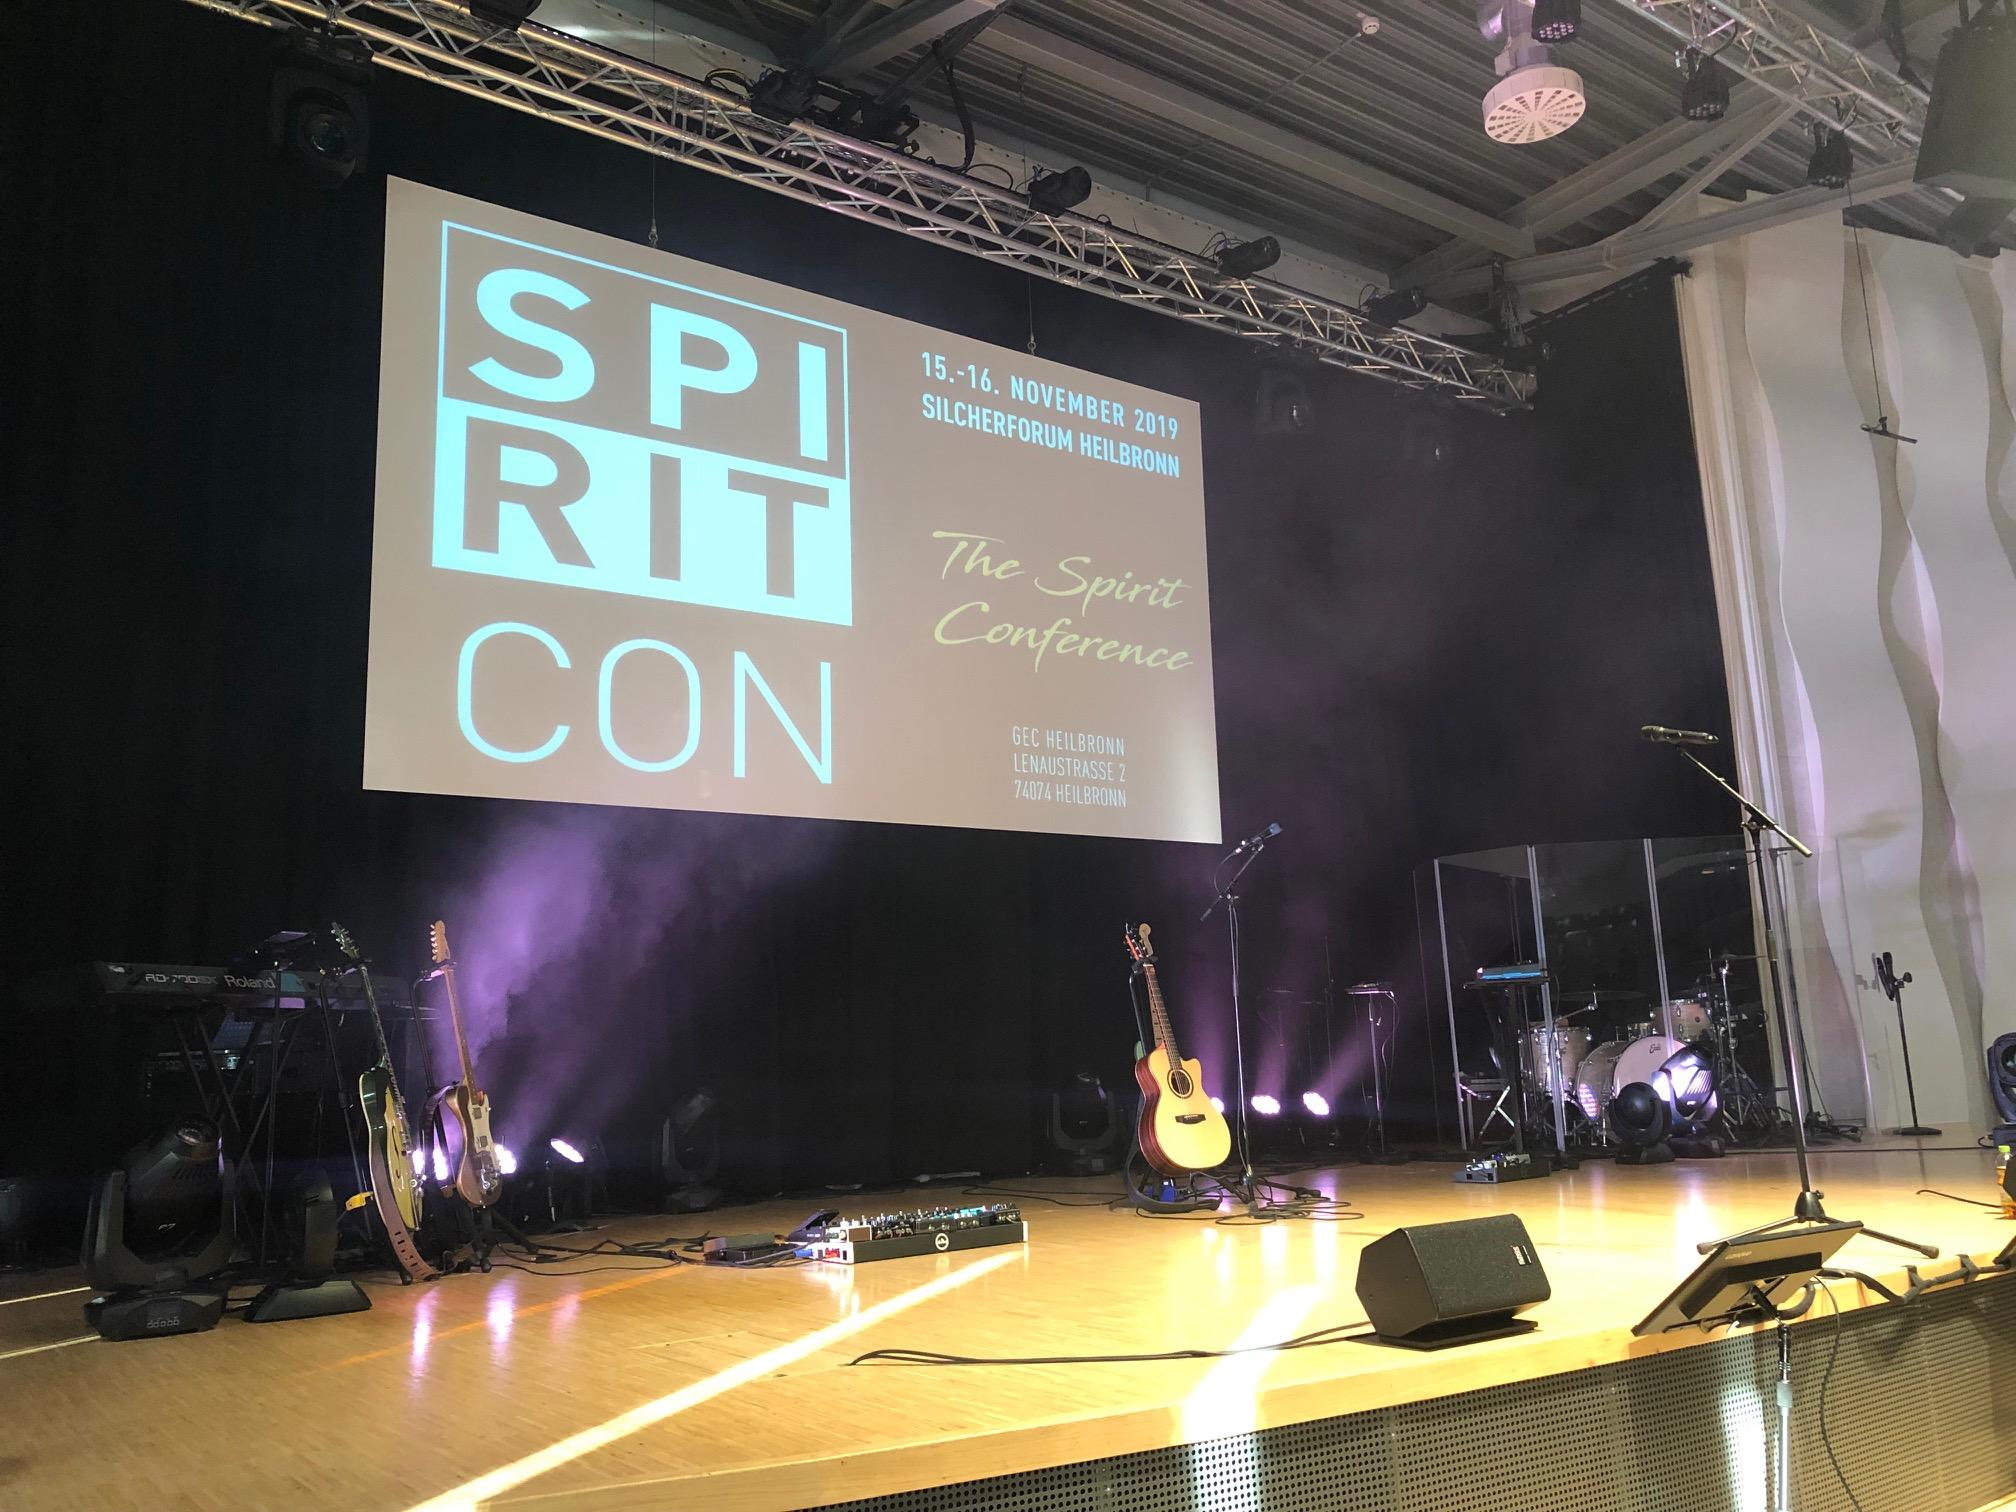 Tränen, Heilung, Befreiung: SpiritCon 2019 in der GEC Heilbronn